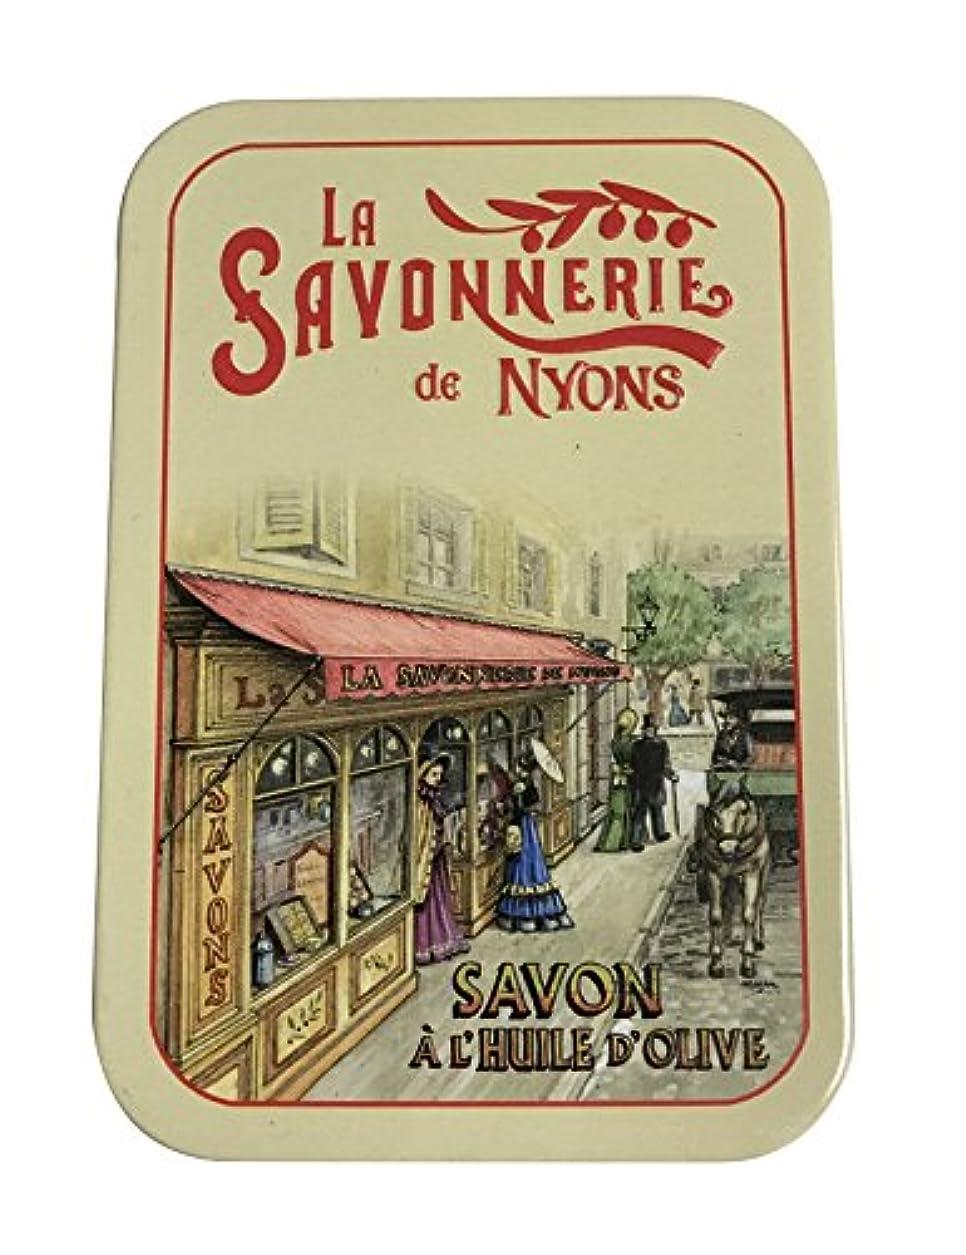 インフラではごきげんよう自分ラ?サボネリー アンティーク缶入り石鹸 タイプ200 パリの町並み(コットンフラワー)